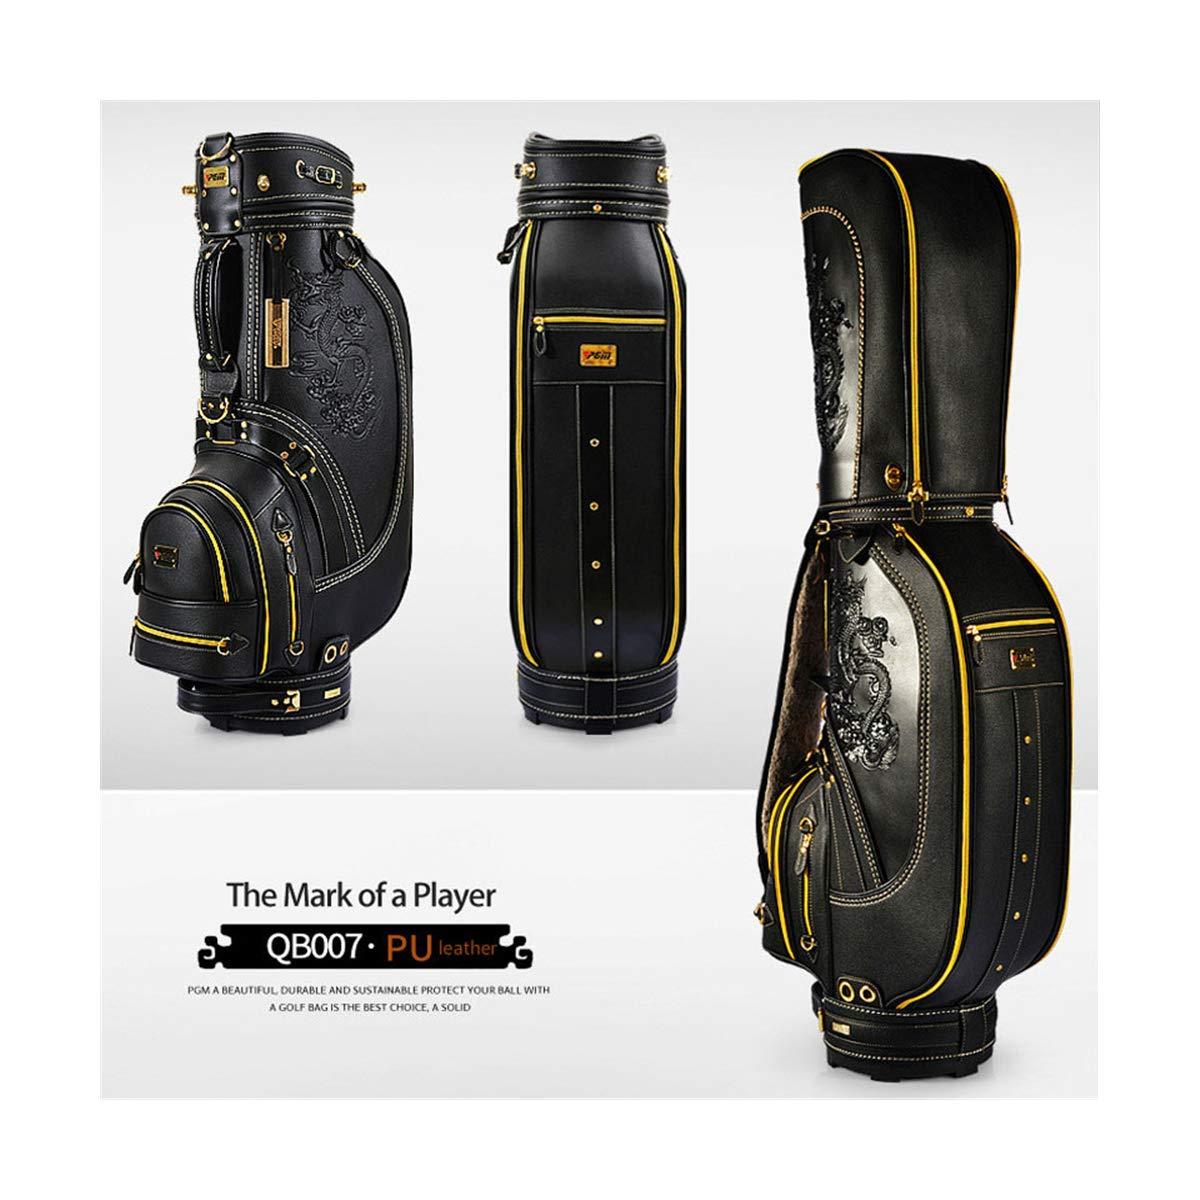 Pgmゴルフスタンダードバッグクラブパッケージドラゴンキャディバッグ男性プロフェッショナルレザー防水ビッグカートバッグゴルフ用品 Black Black B07P9RKX9P, ひな福かぐ福:3bc37f66 --- lagunaspadxb.com